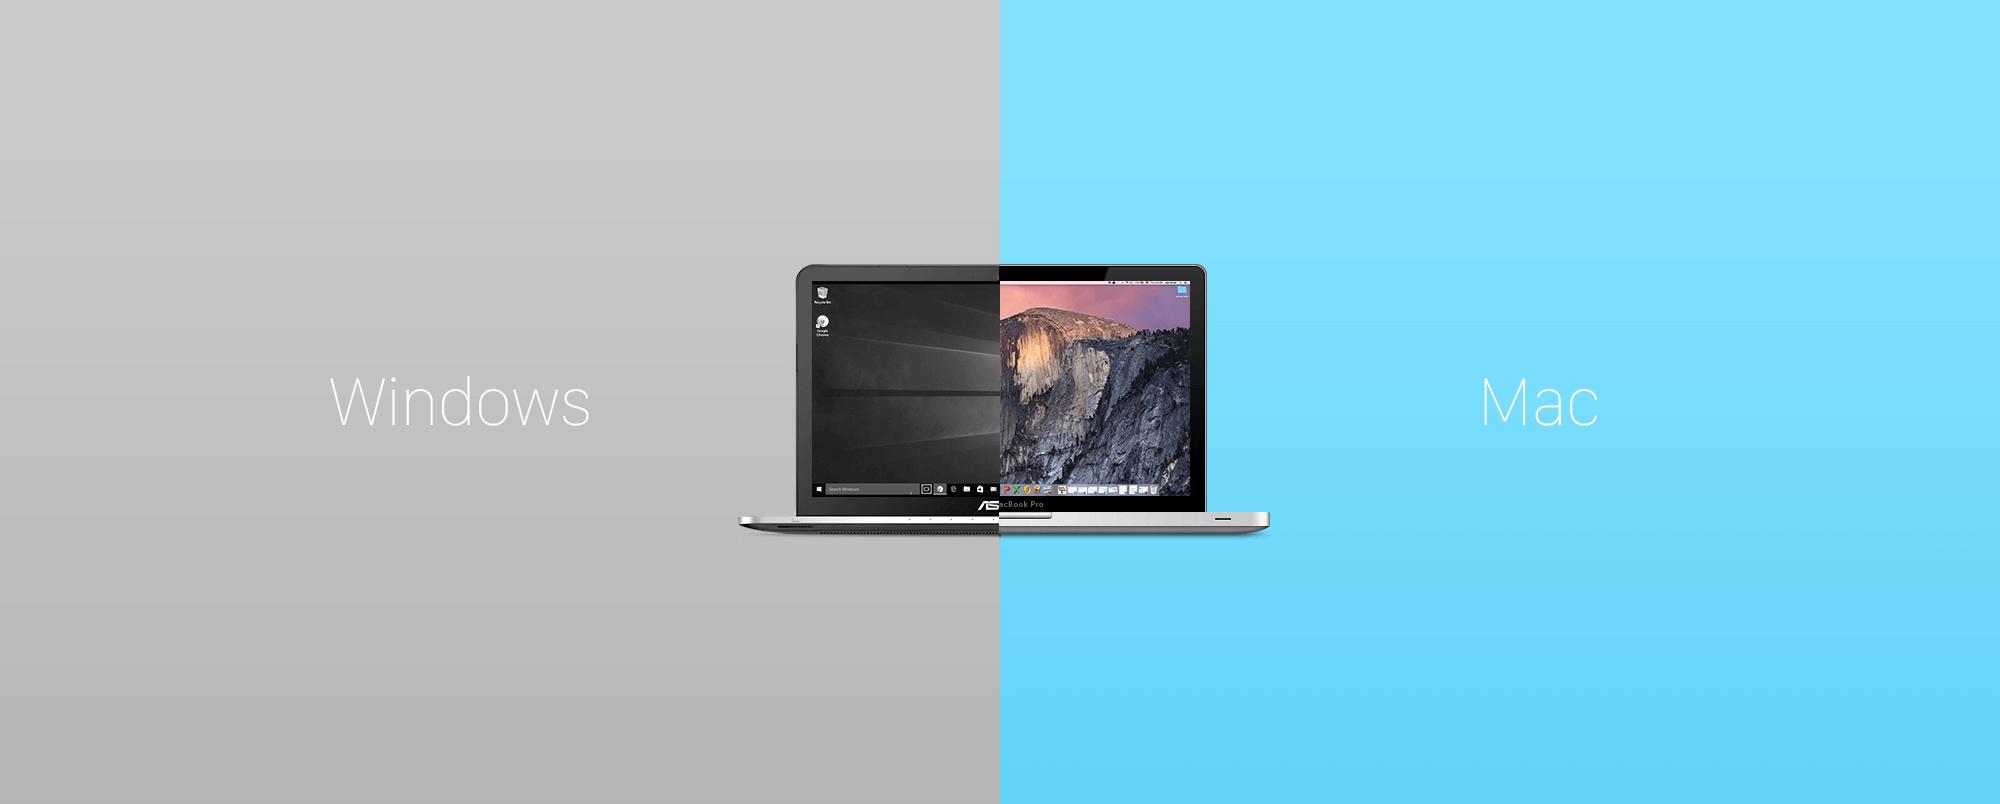 Переход с Windows-ПК на Мас: Если возможностей mac OS окажется недостаточно